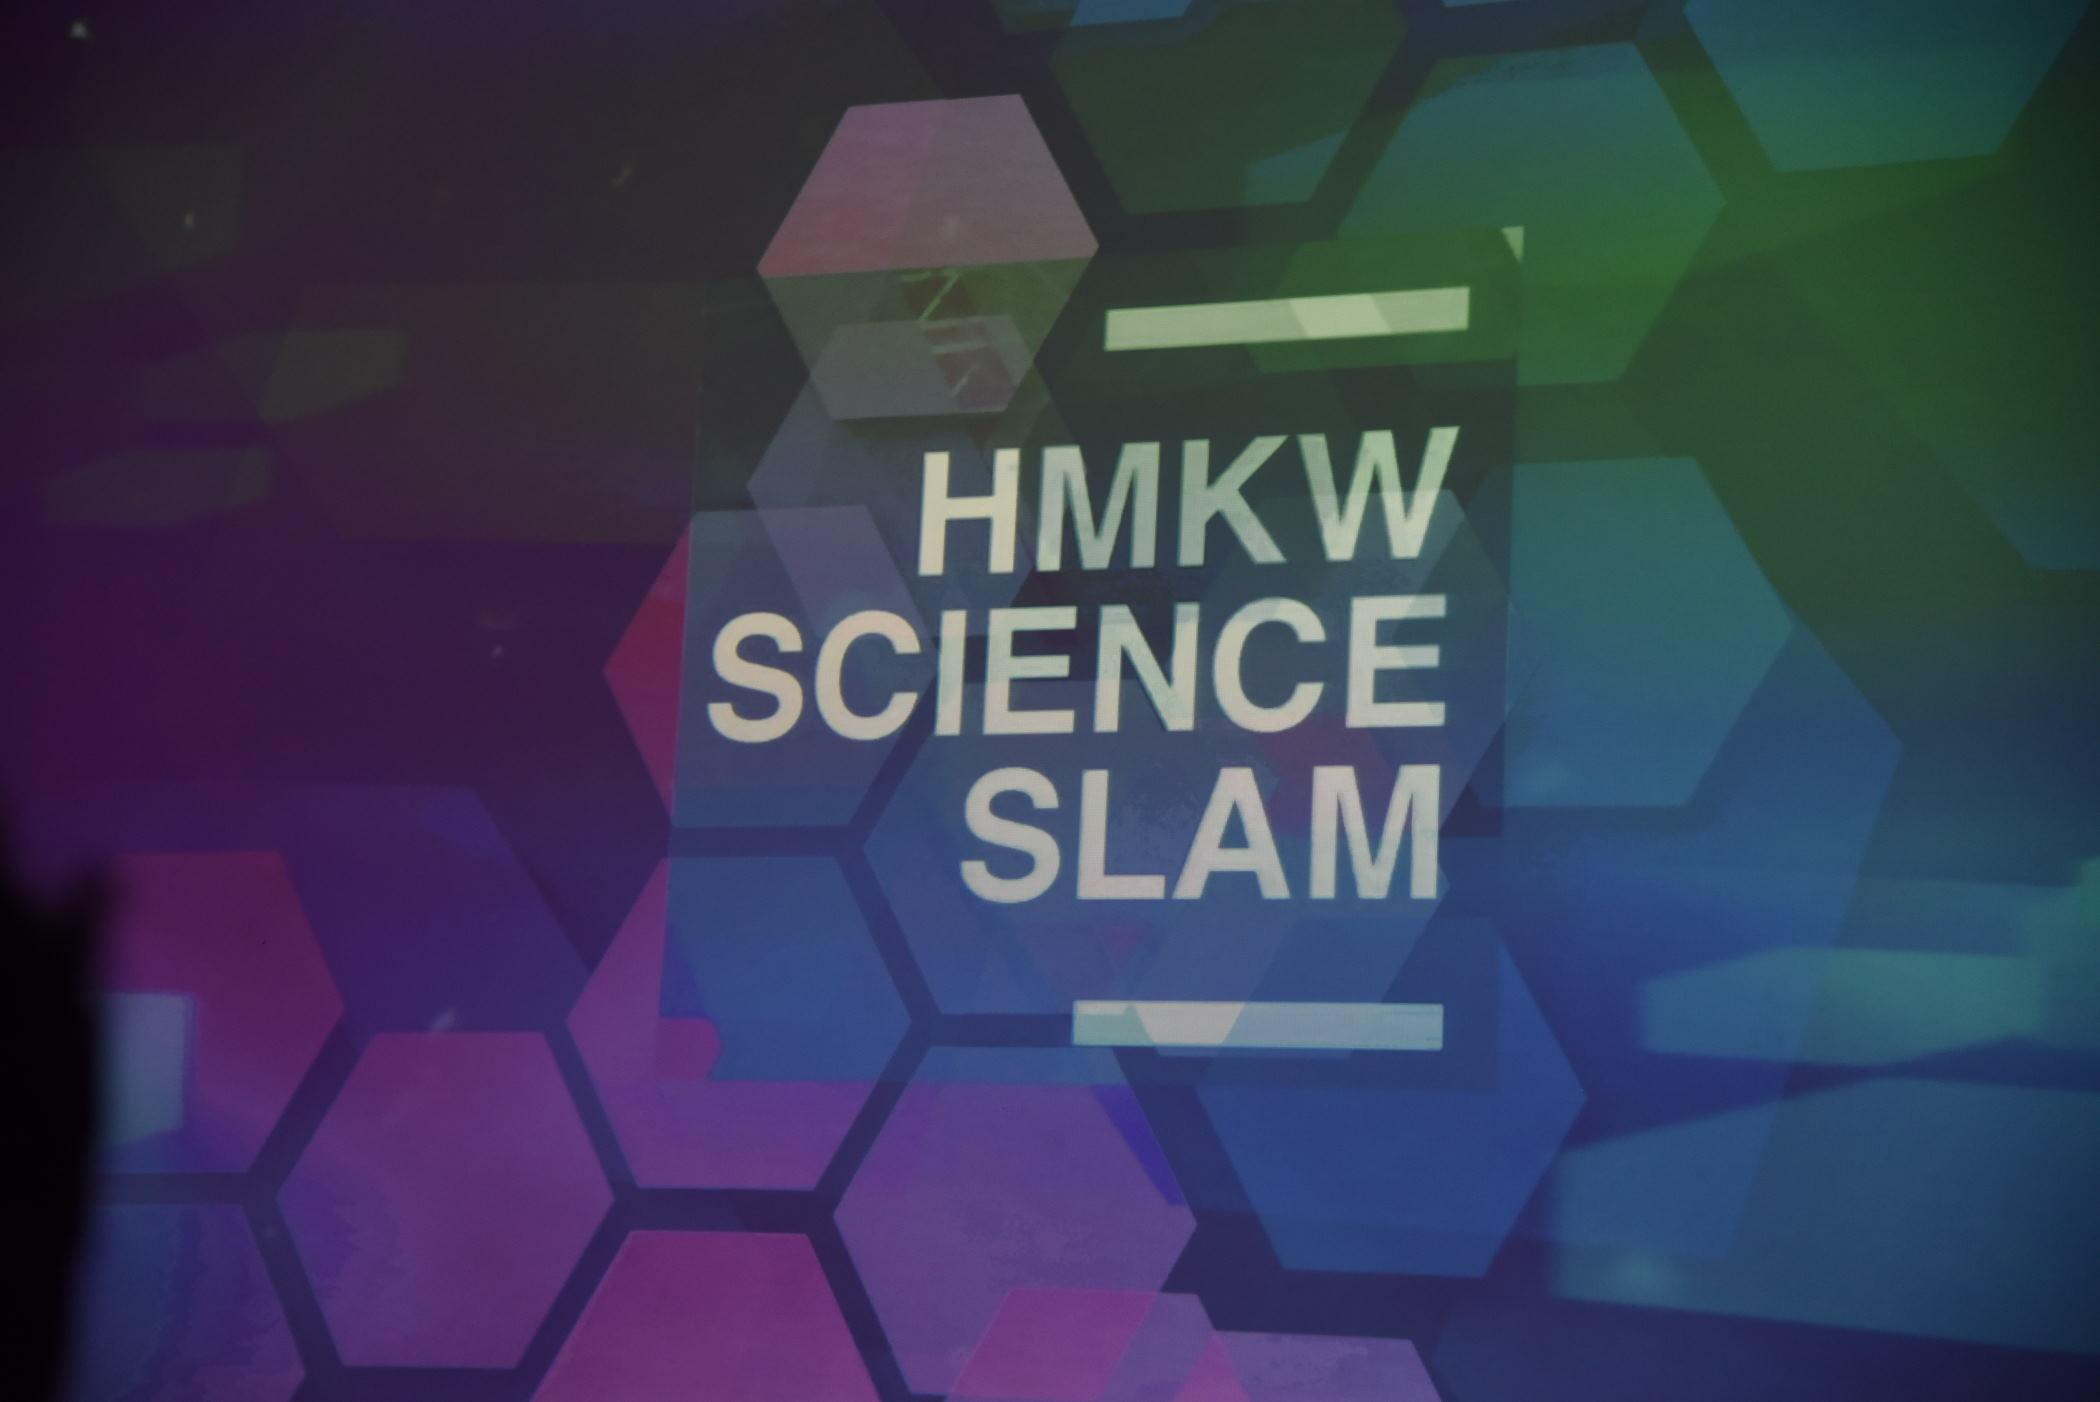 Der Höhepunkt der LNDW: Beim Science Slam ist Infotainment das Zauberwort.